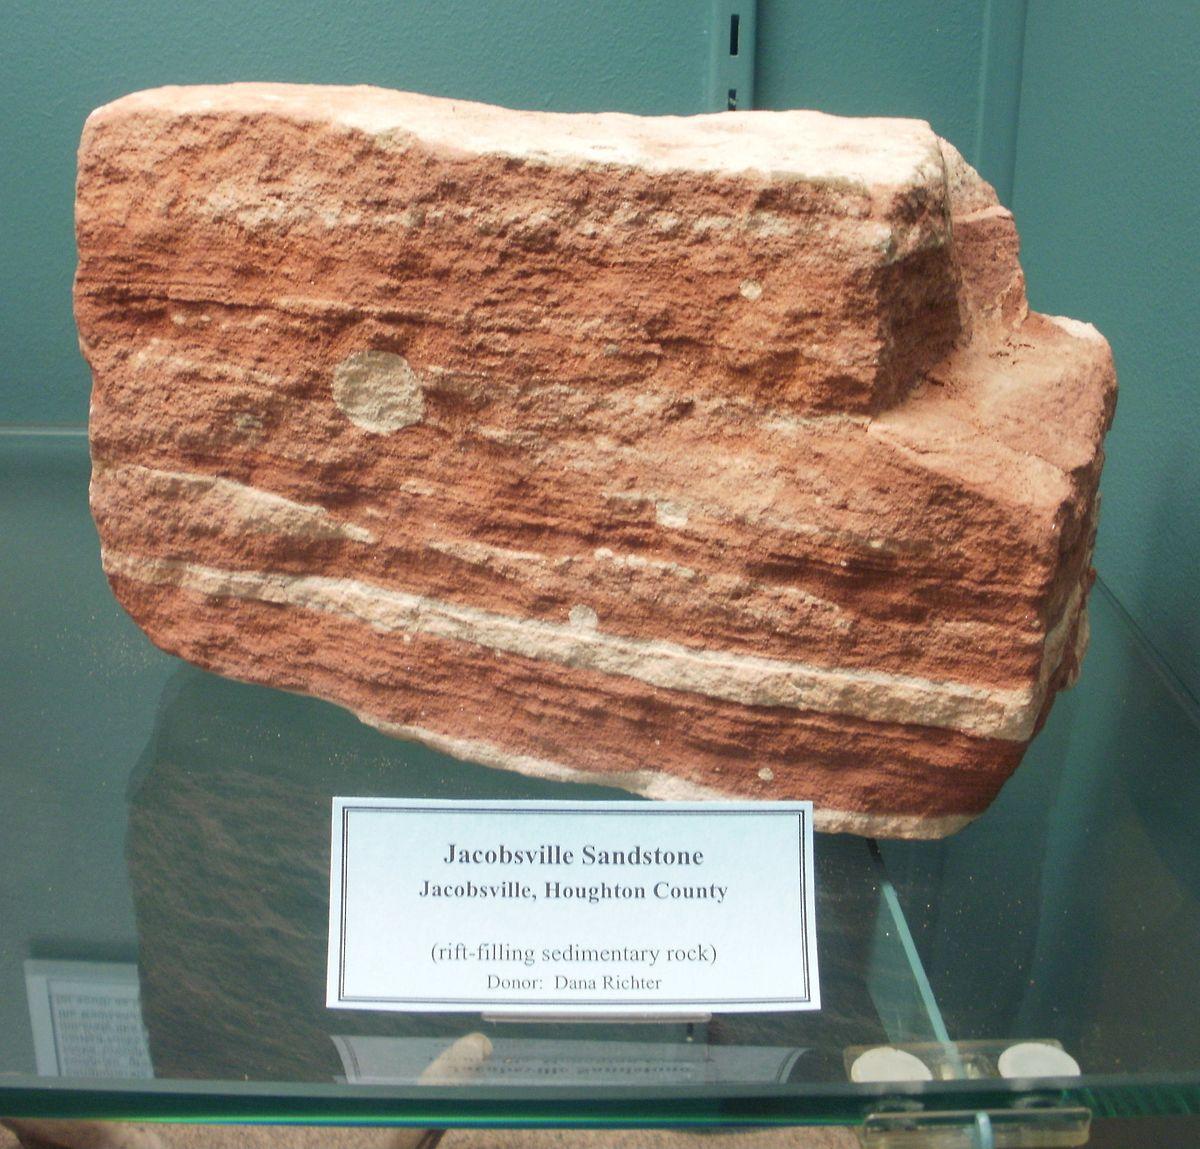 Red Granite Ohio : Jacobsville sandstone wikipedia